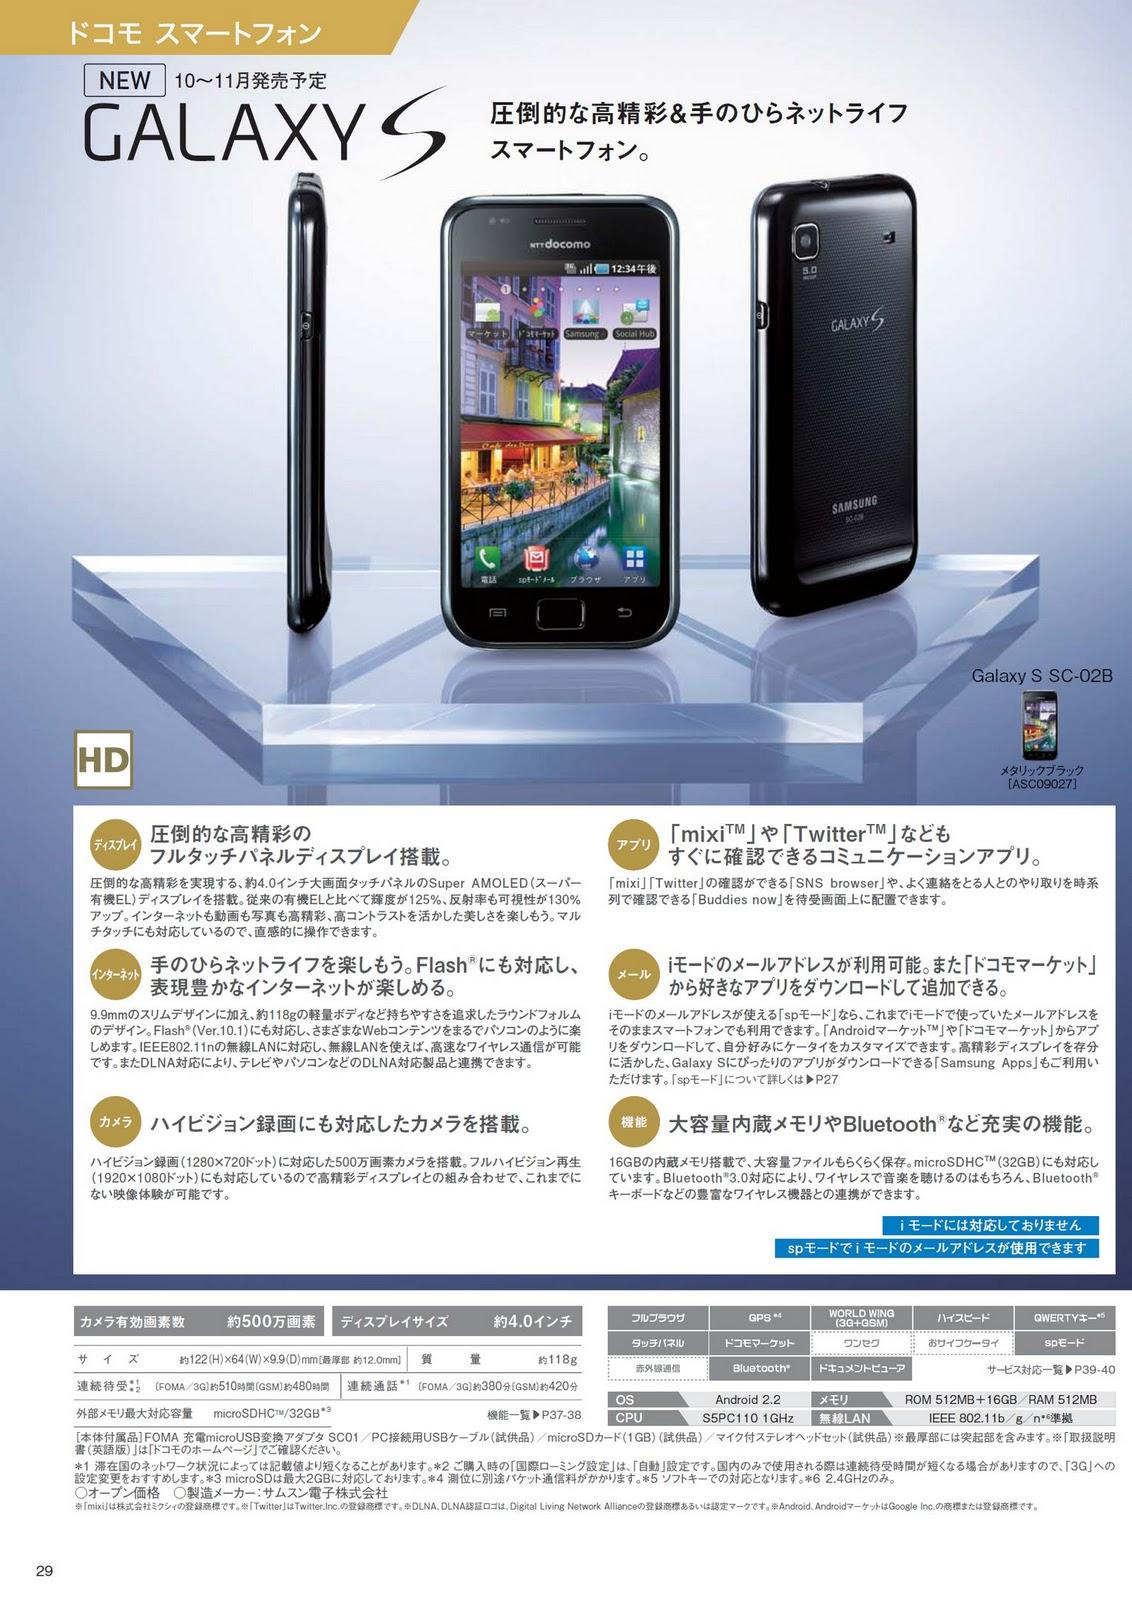 ドコモ Galaxy S パンフレット